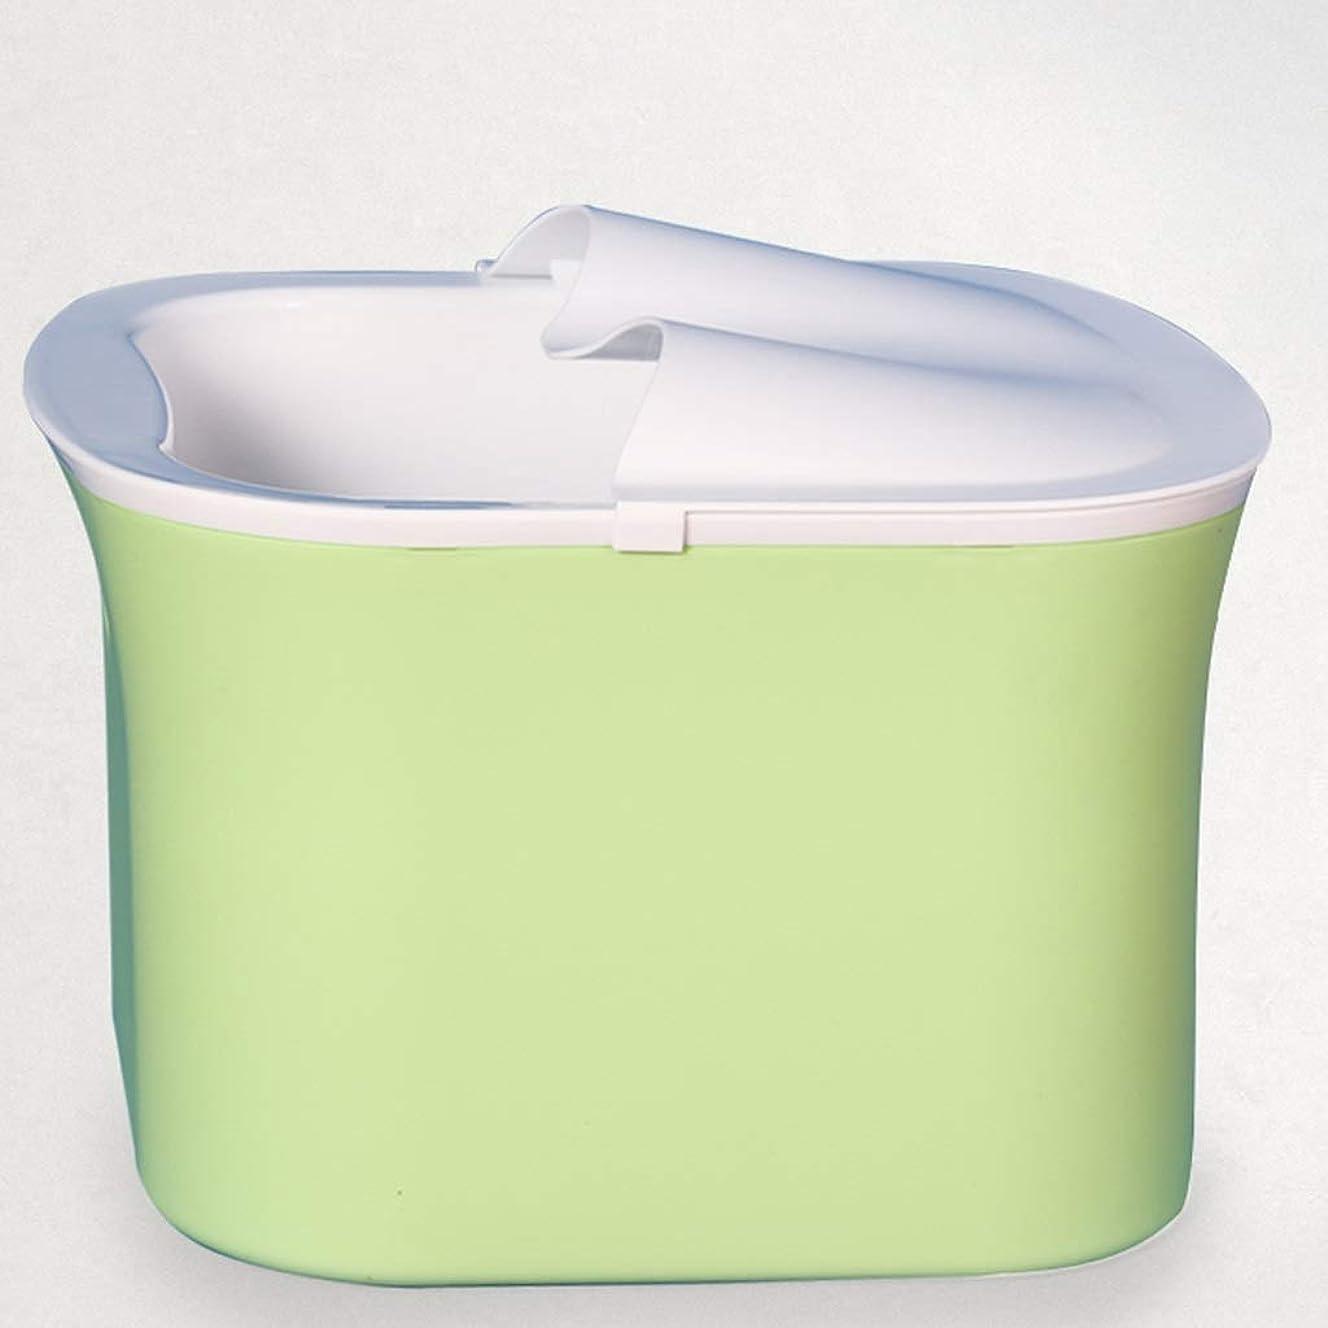 食用特派員盆AMTクリエイティブマッサージ浴槽ふた付きの浴槽のバケツ厚い丈夫な足洗面台プラスチックスパボウル (Color : Green)